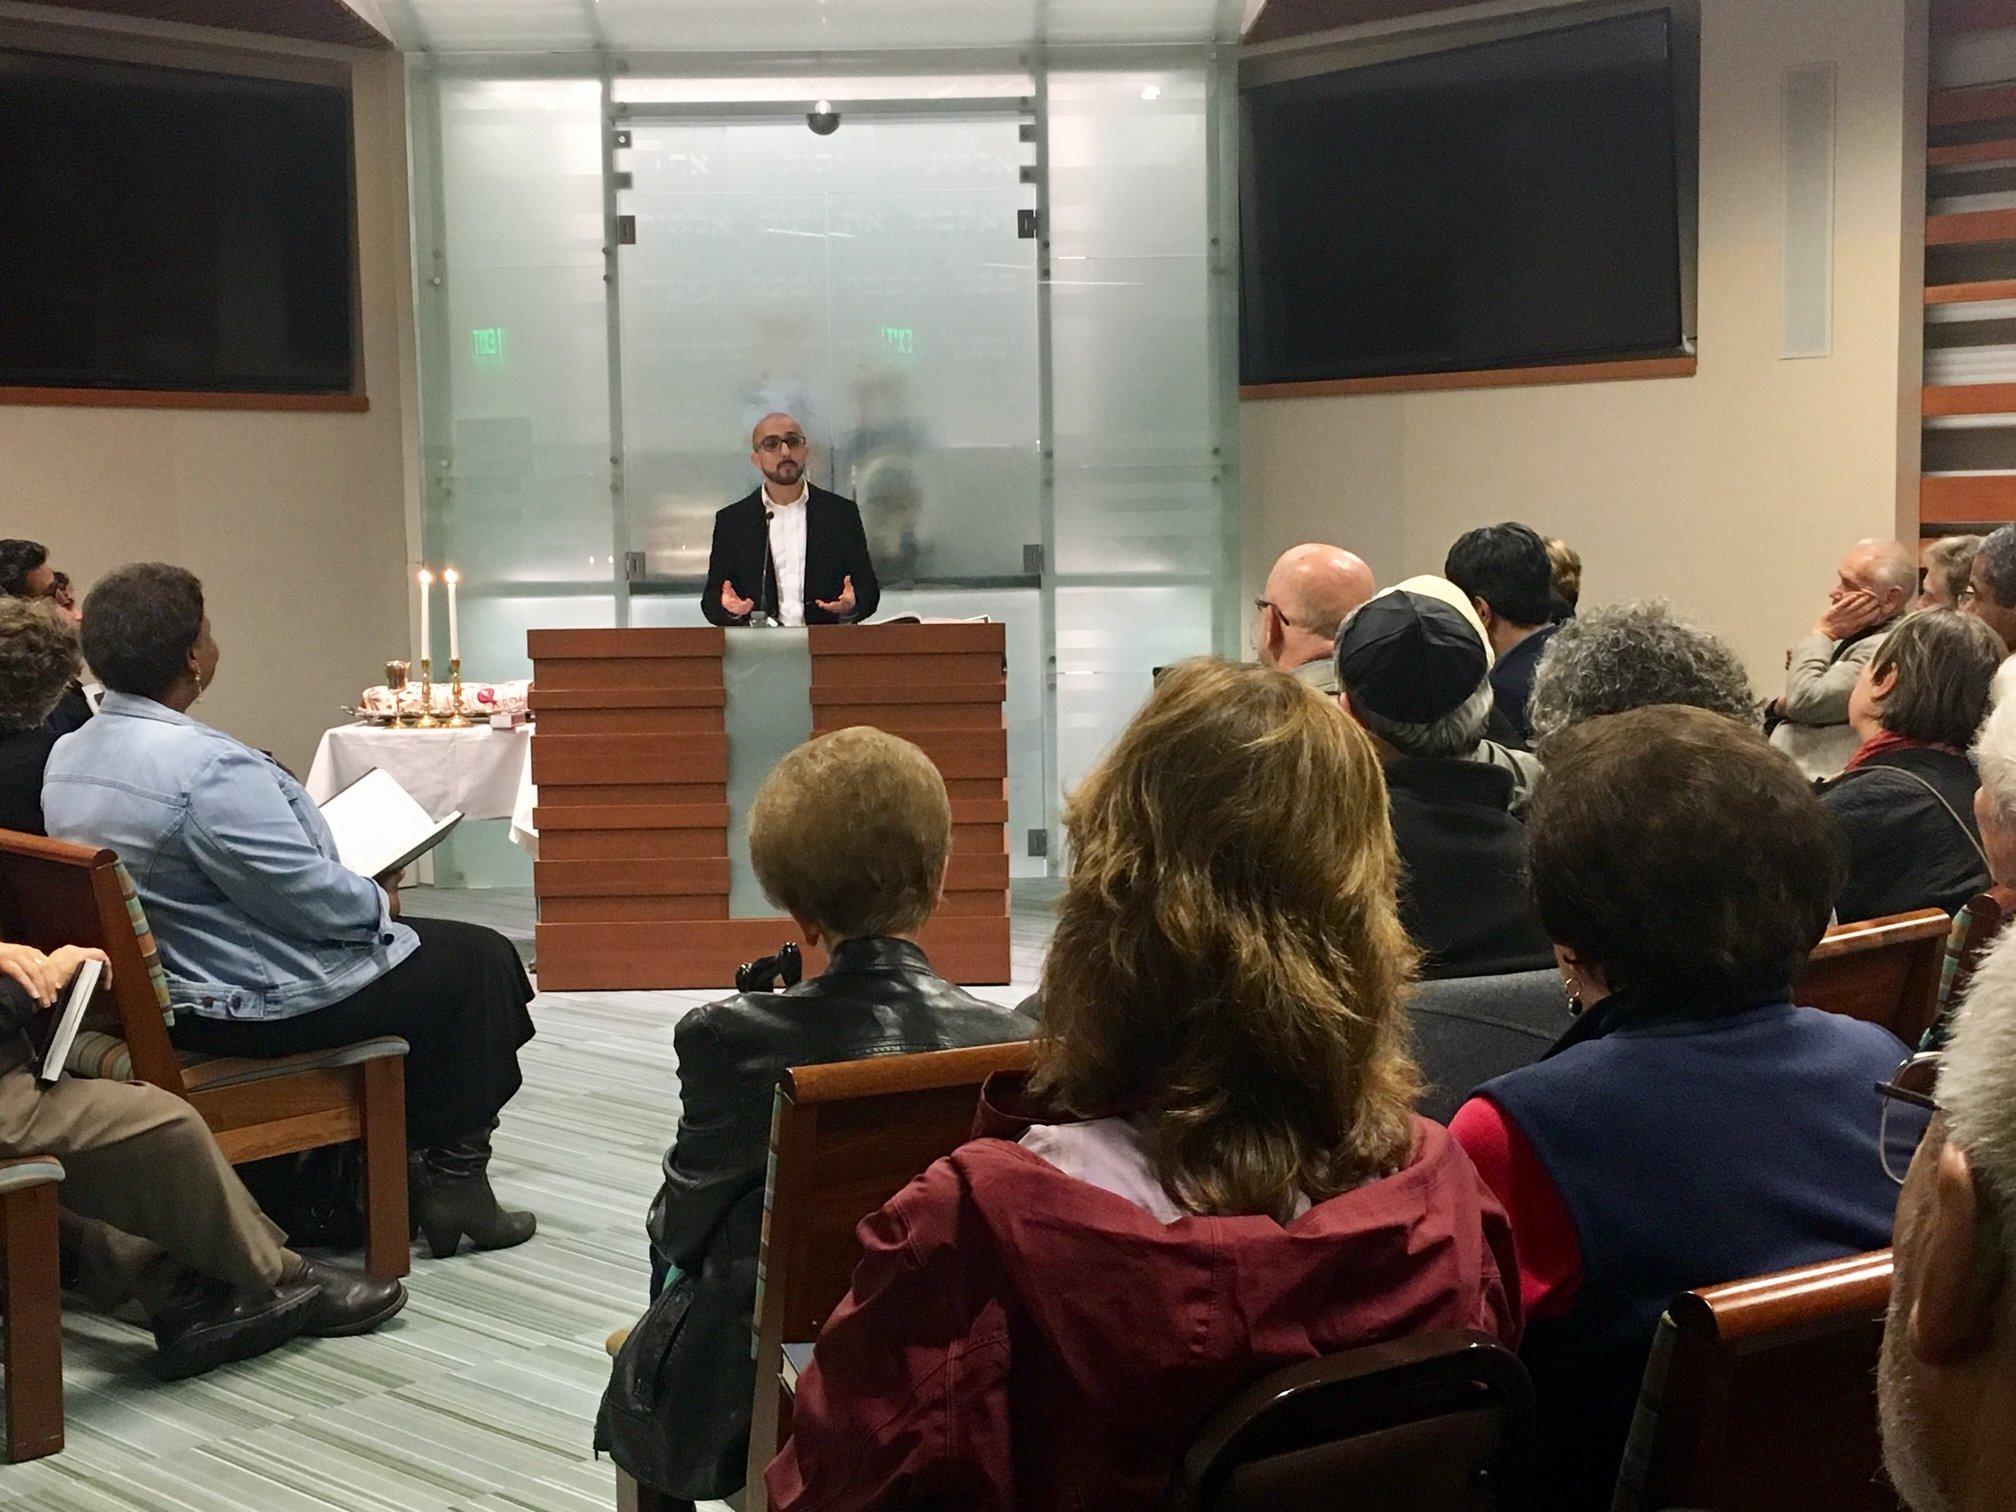 Yazan Ibrahim gives the sermon at a Friday night service at Peninsula Temple Sholom.